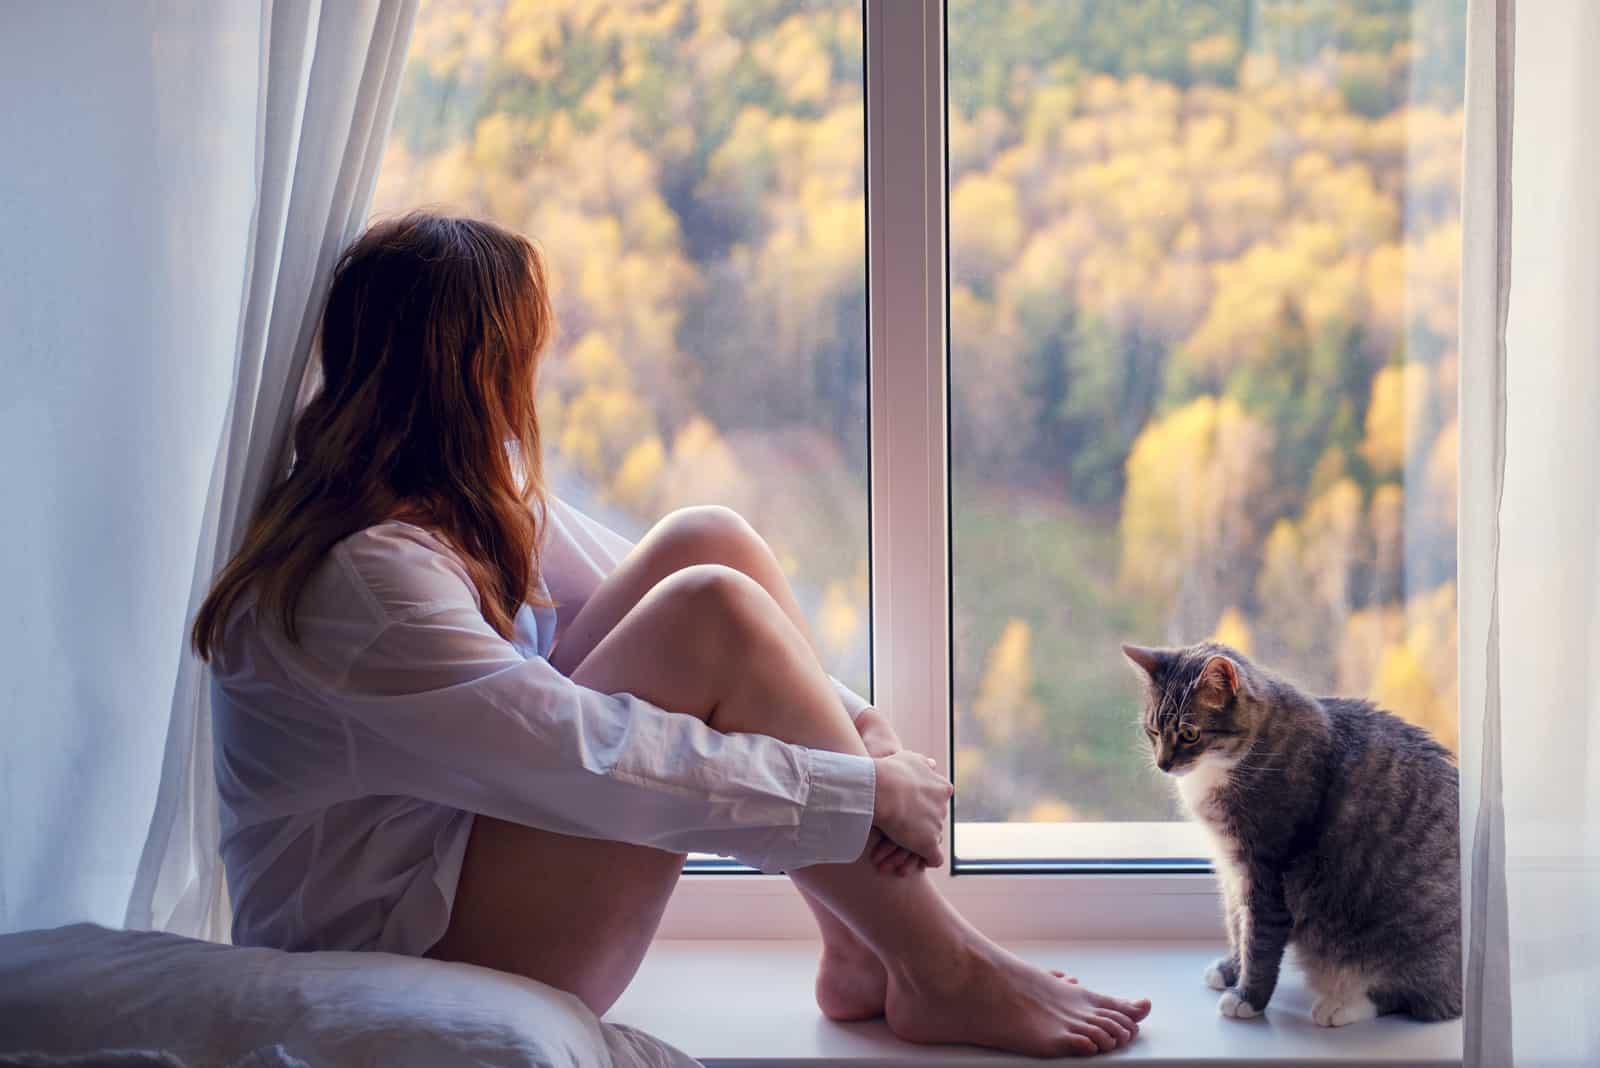 une femme imaginaire avec un chat assis près de la fenêtre